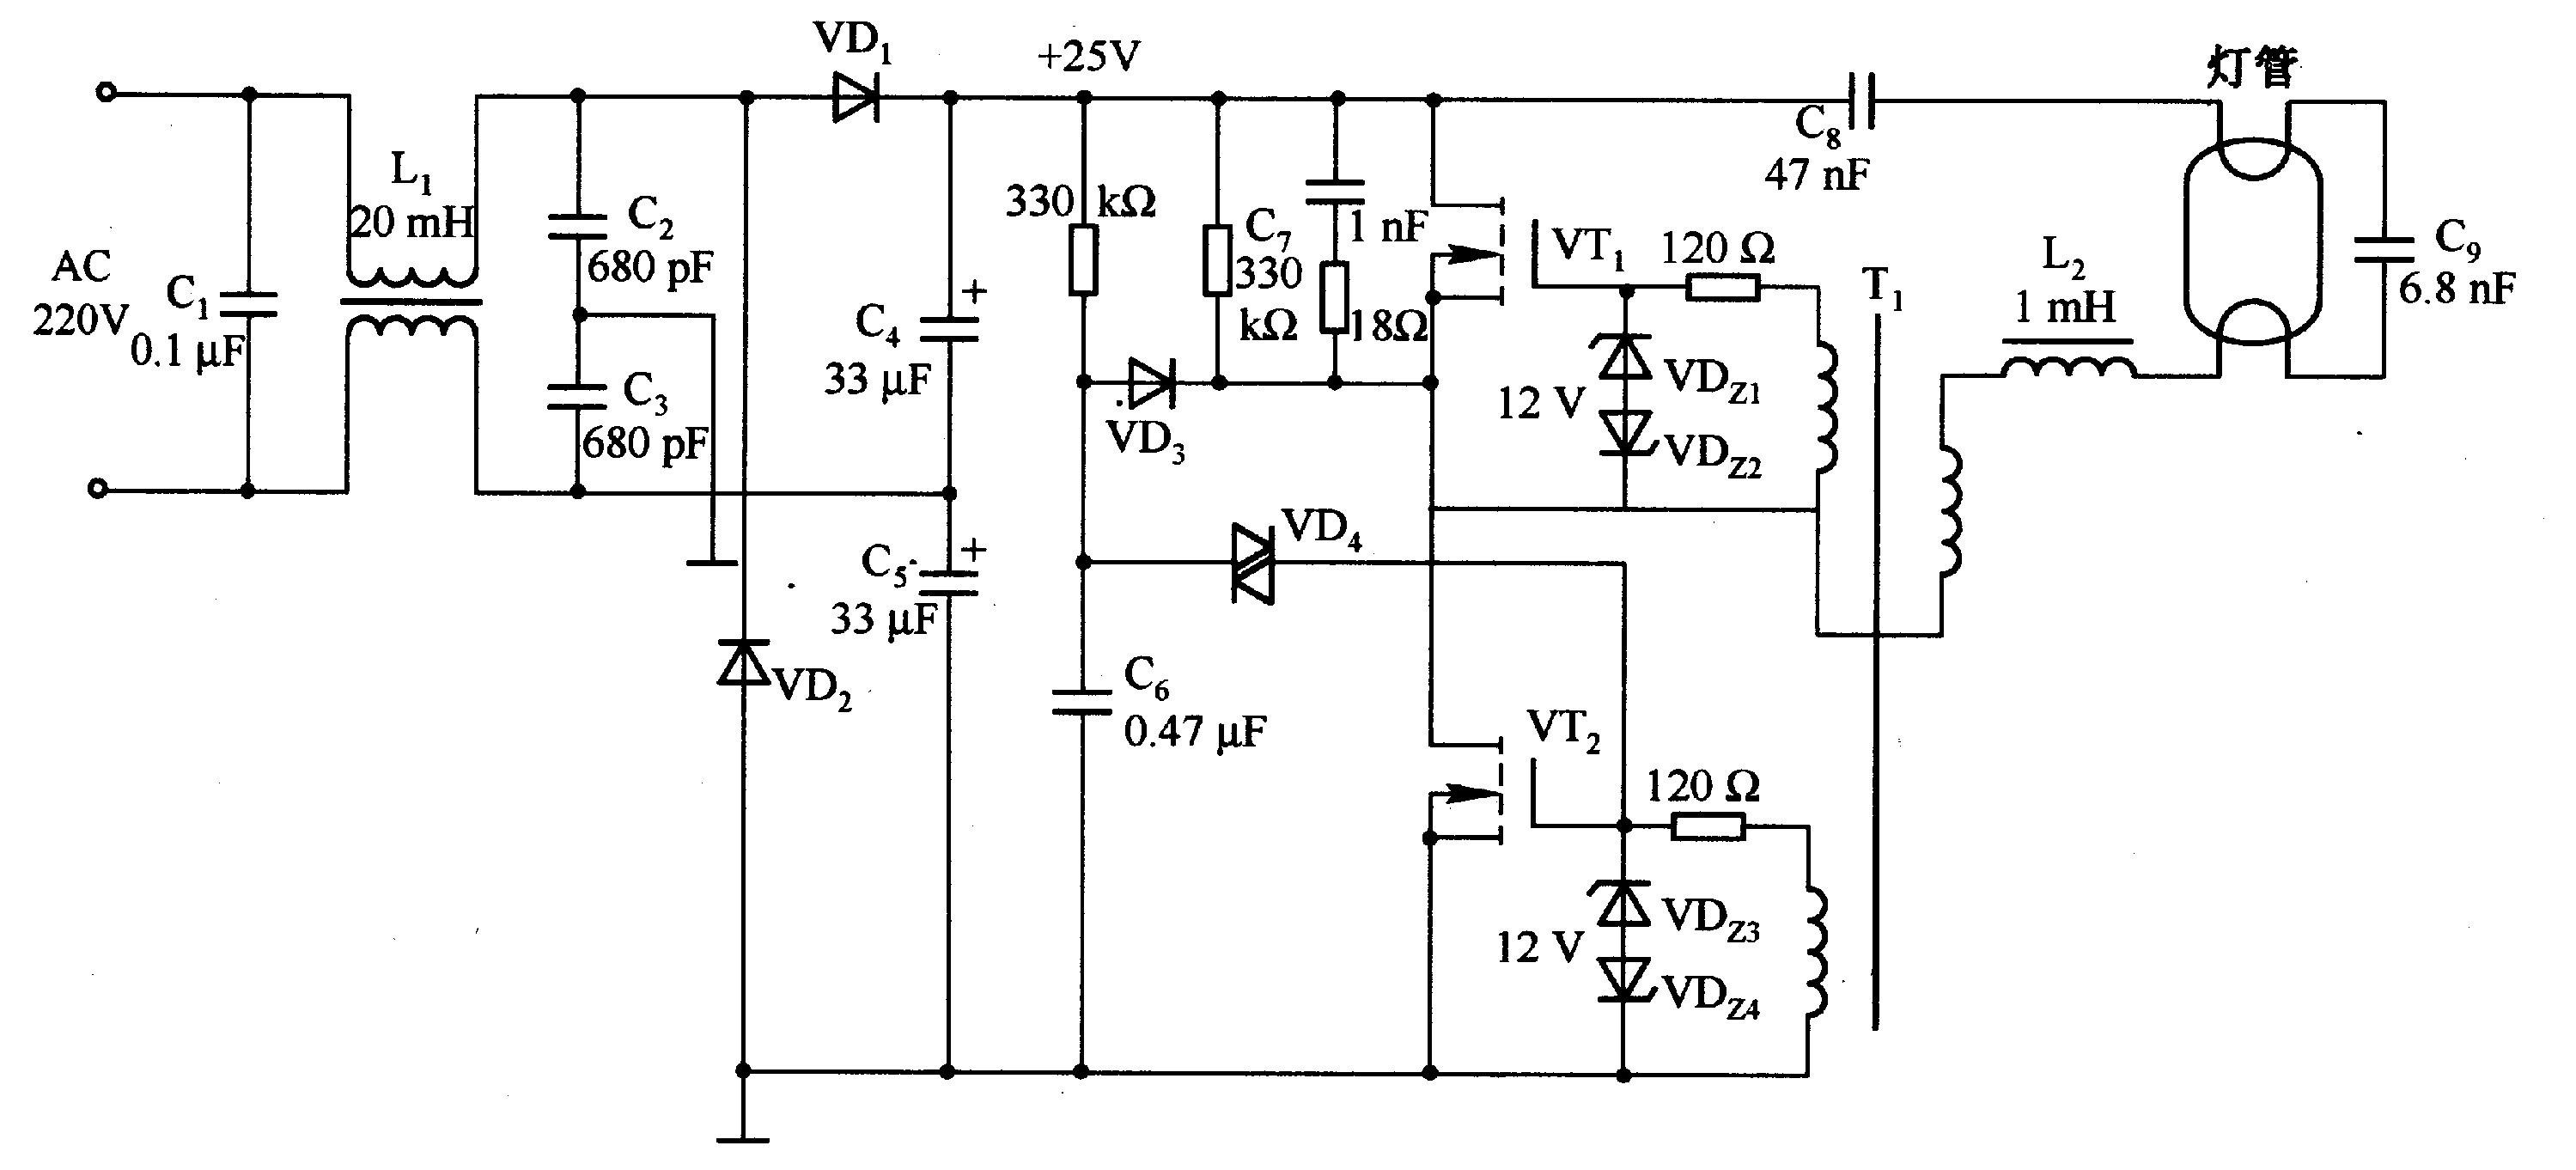 Wiring Diagram For Led Tubes Best Led Tube Light Wiring Diagram Led Light Bar Wiring Harness Diagram